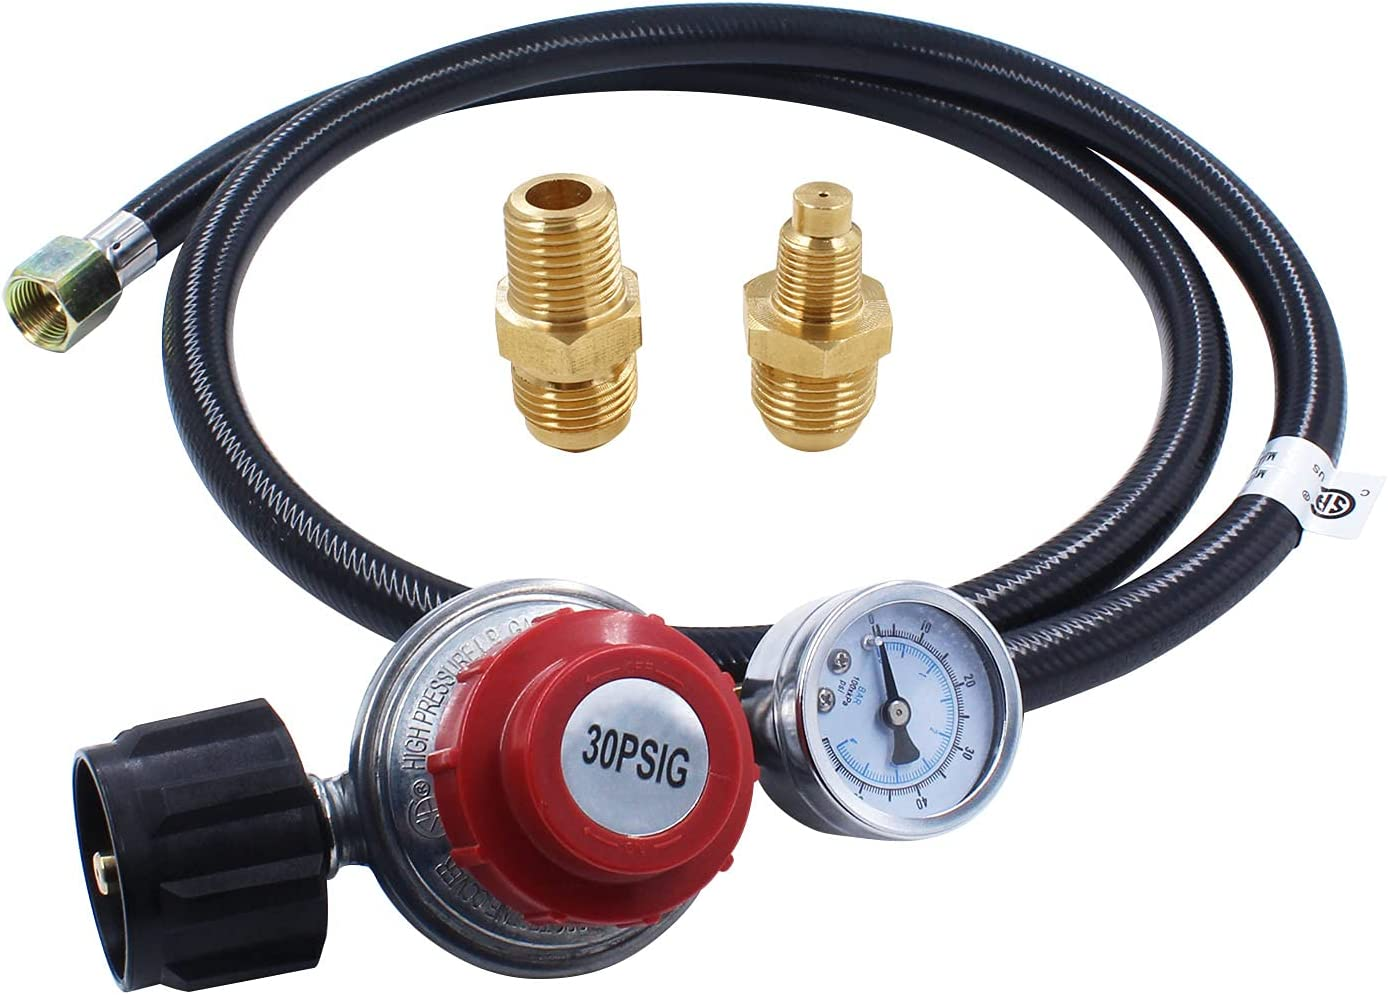 MOFLAME shop 4 FT 0-30 OFFer PSI High Propane Pressure Adjustable Regulator